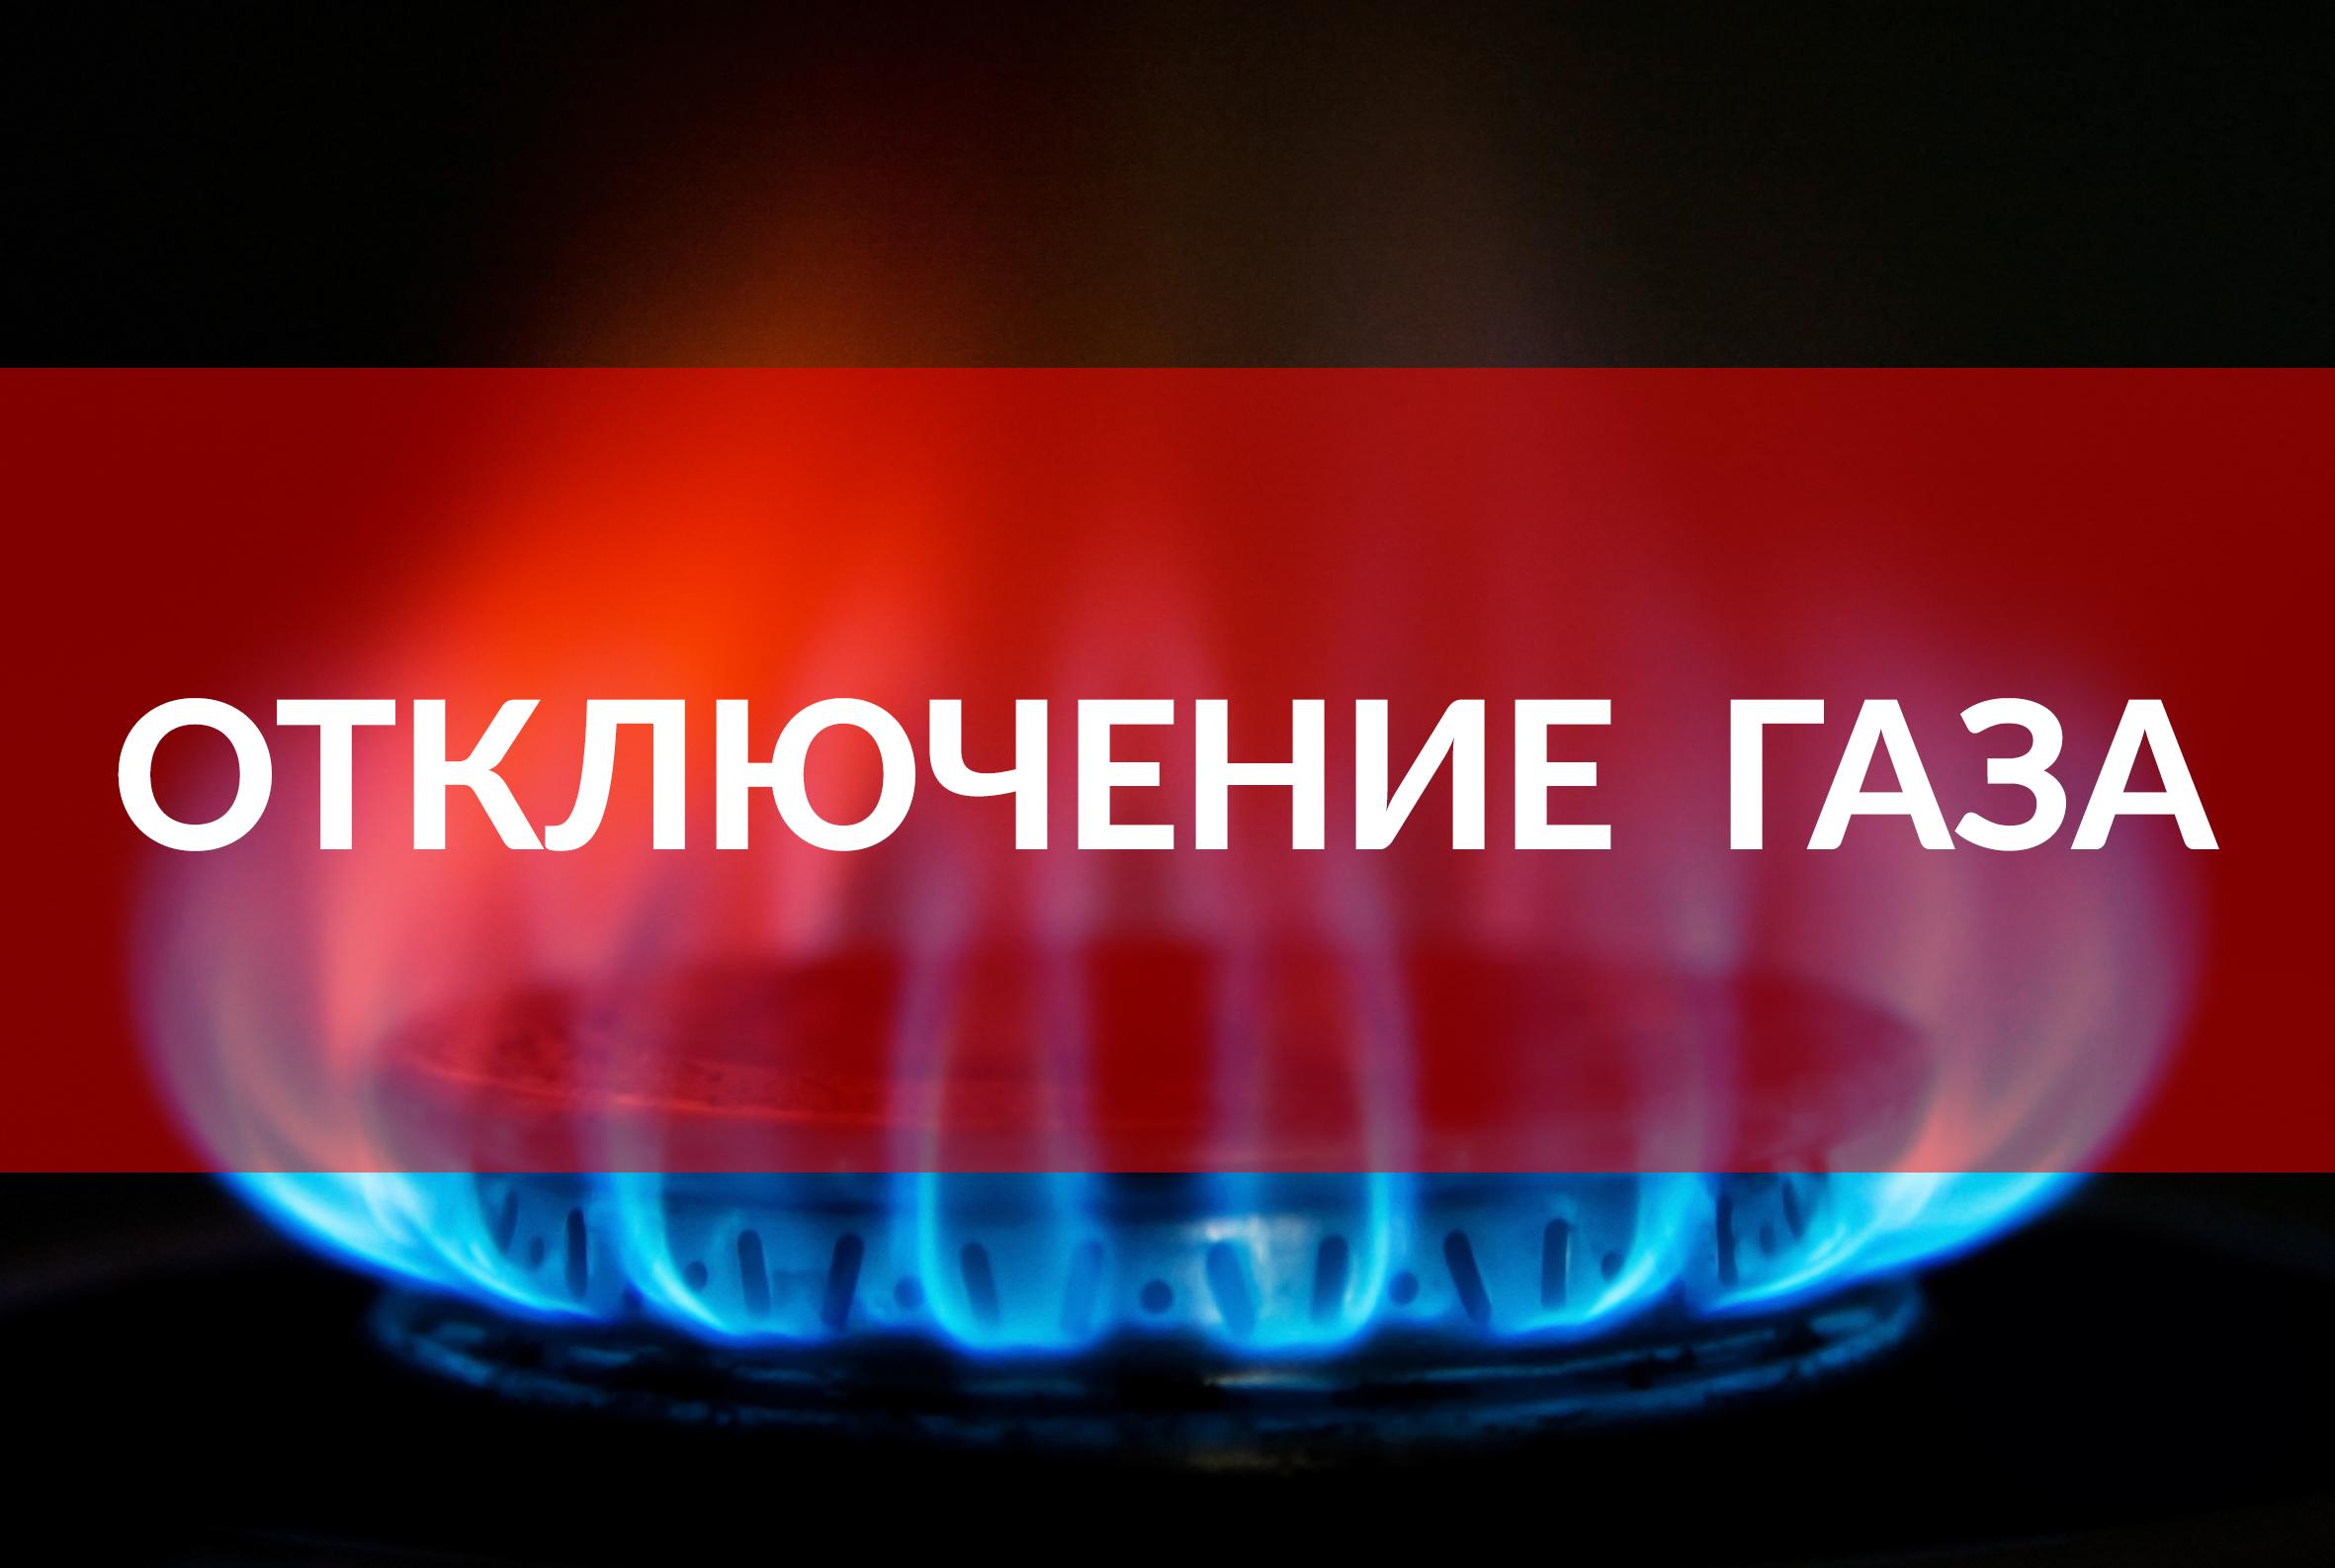 Где завтра в Днепре отключат газ. Новости Днепра